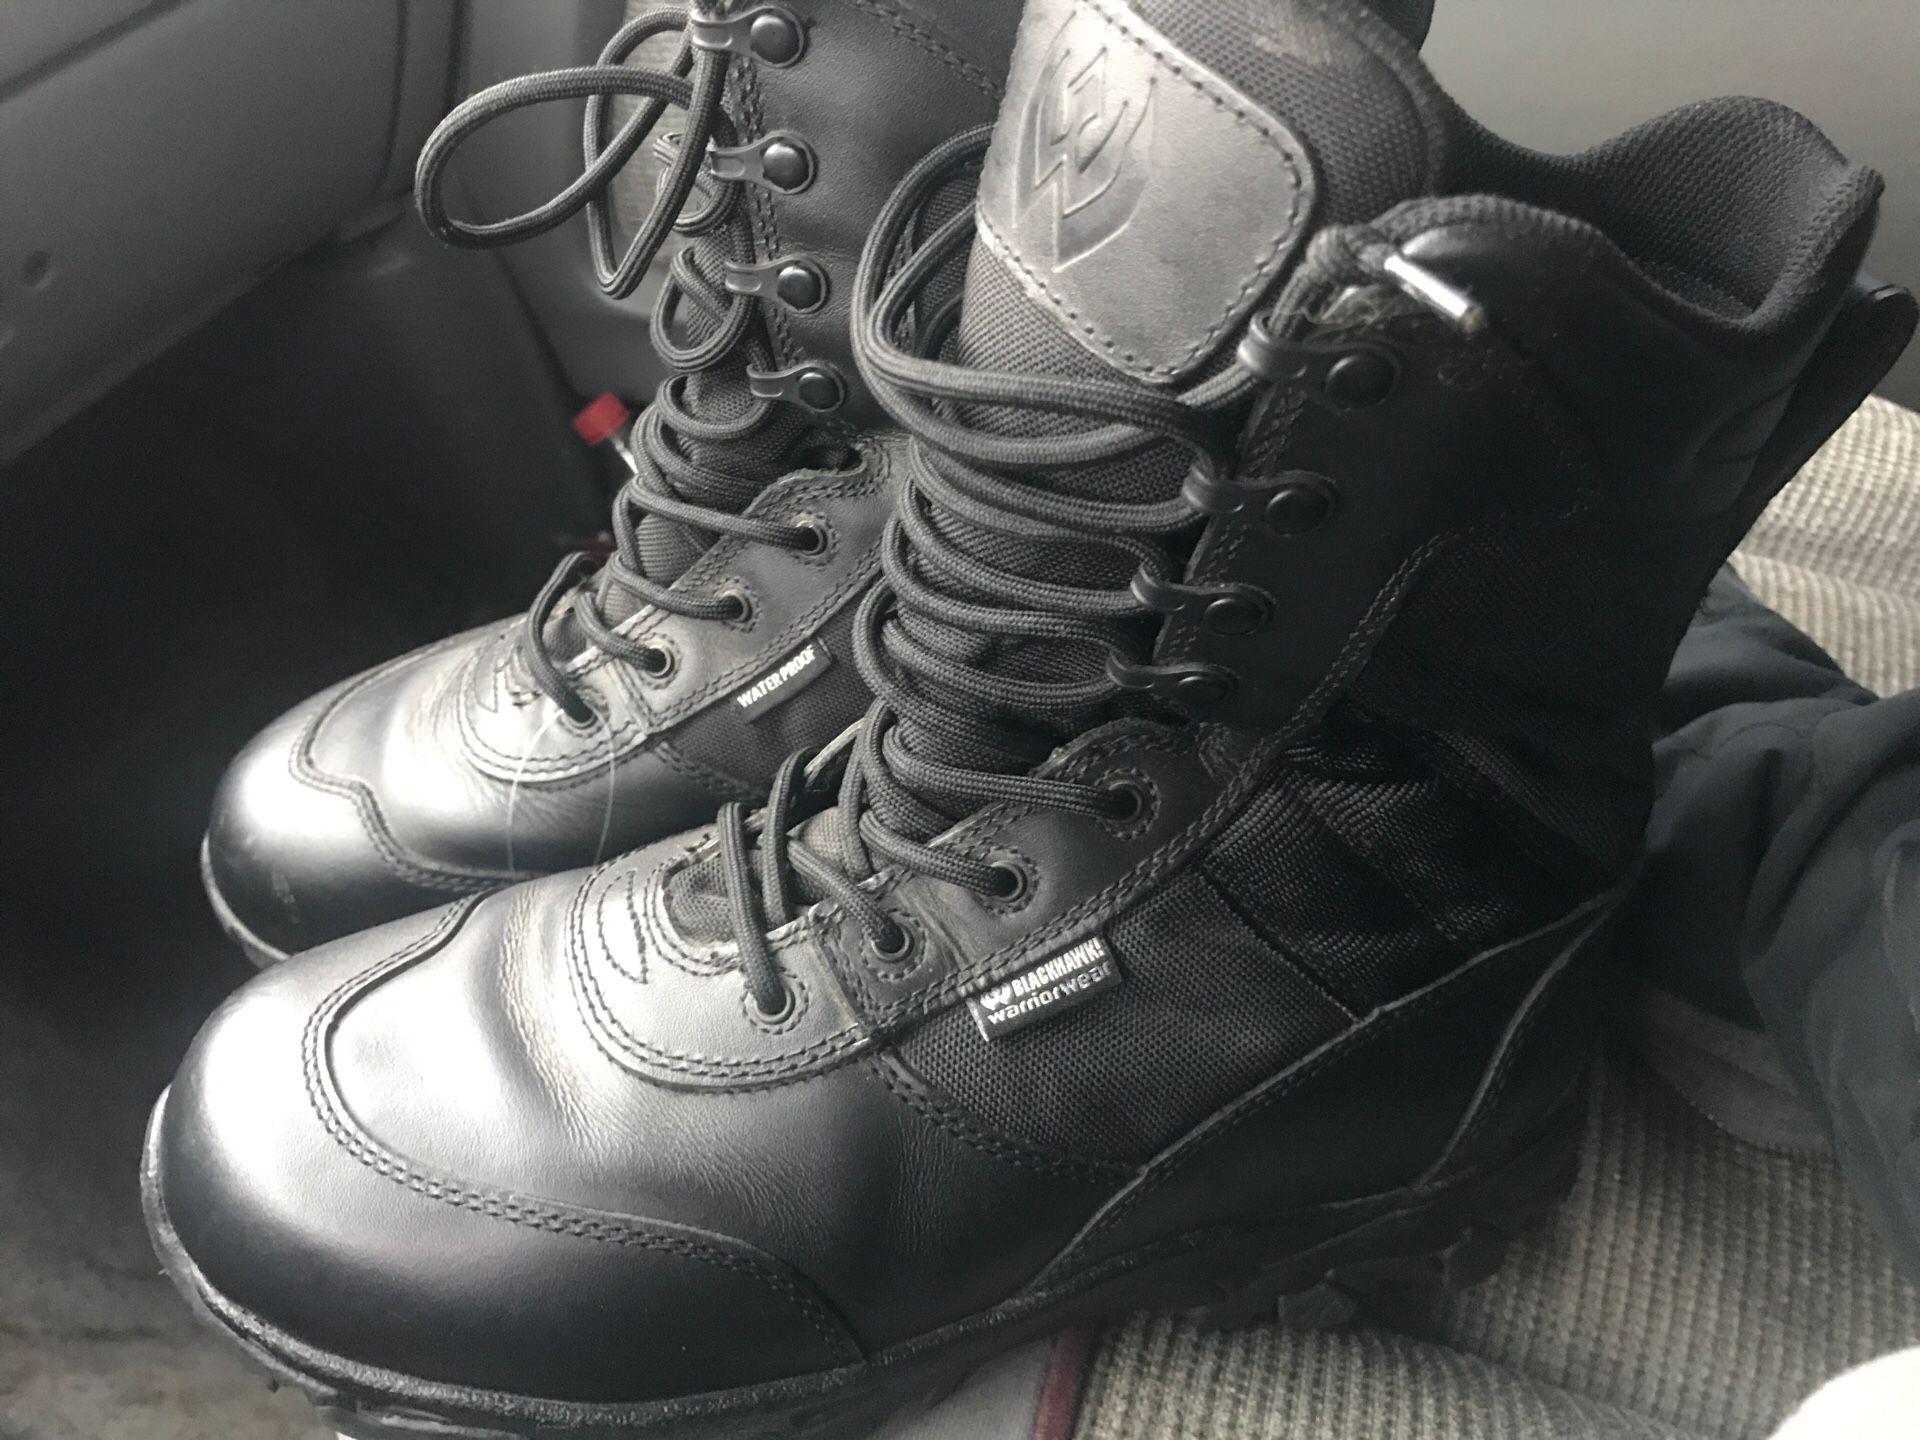 Black Hawk Boots